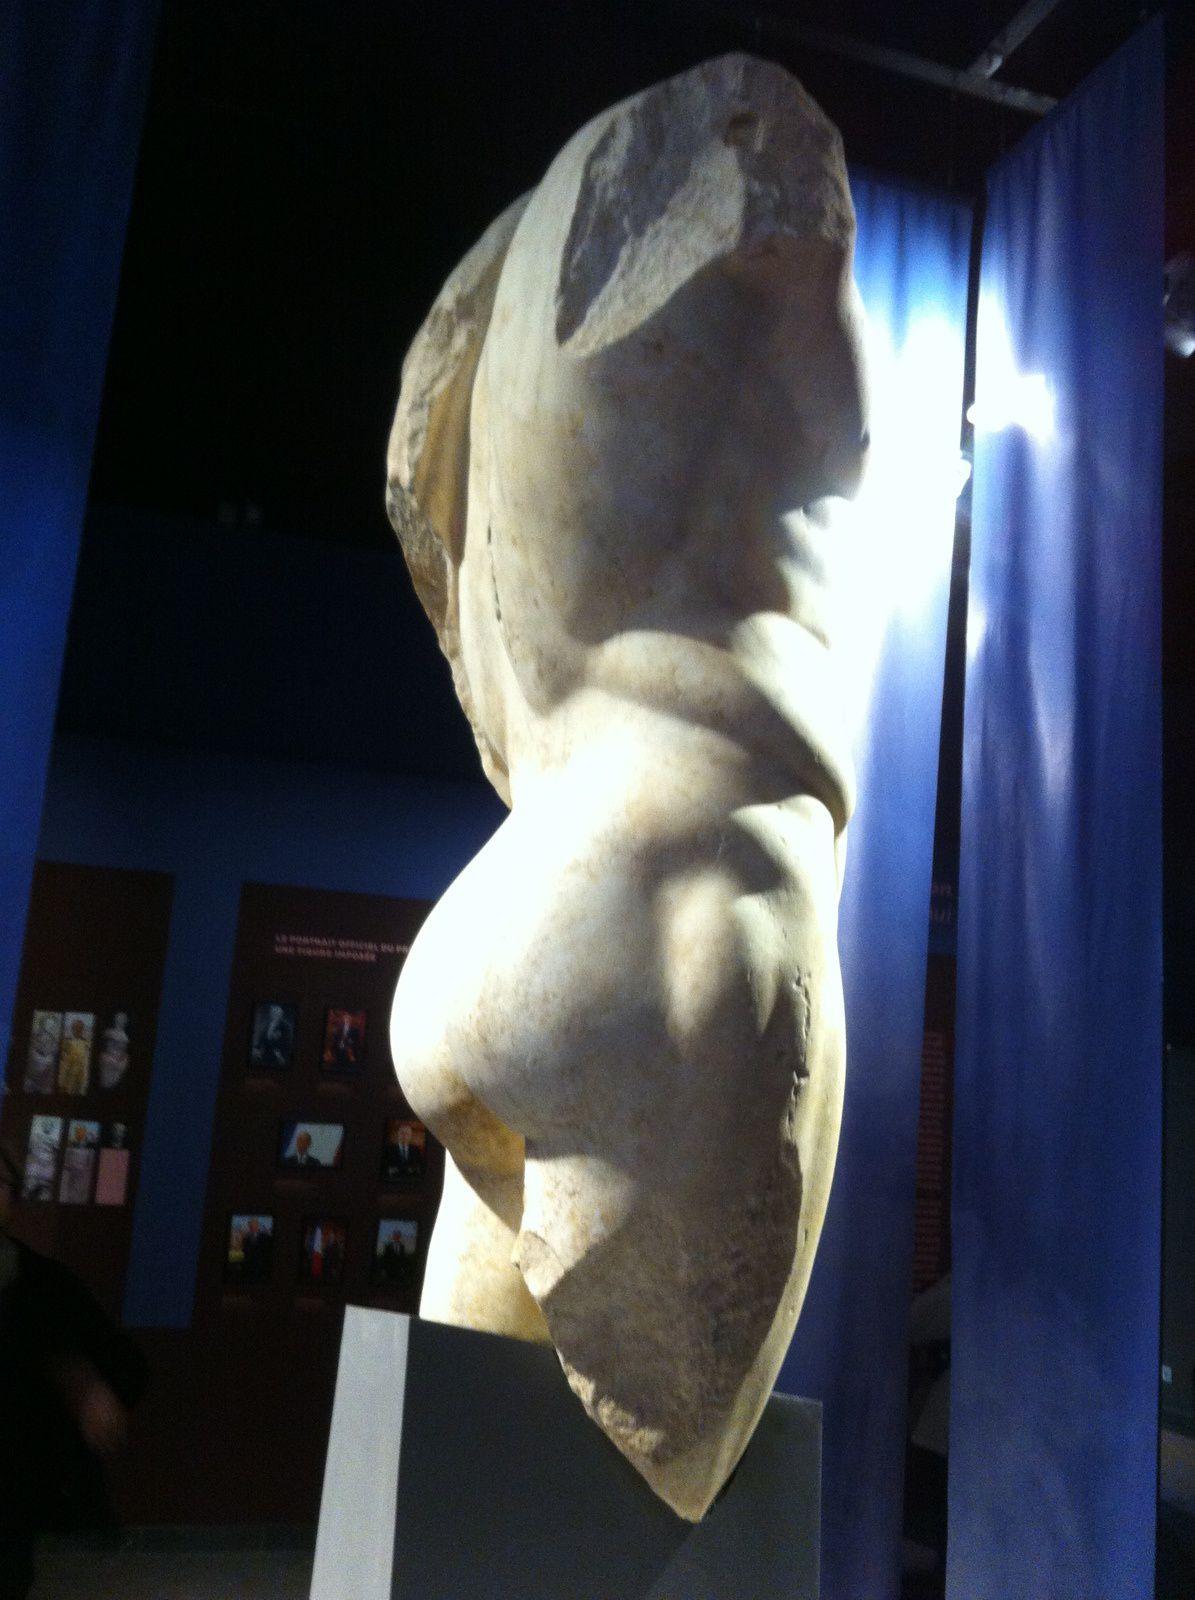 Depuis l'antiquité, le nu masculin est apparenté aux fonctions sociales les plus nobles, athlète et surhomme.Les sculptures grecques et romaines symbolisent le modèle absolu de l'homme parfait. Qu'en est-il aujourd'hui de ce modèle?